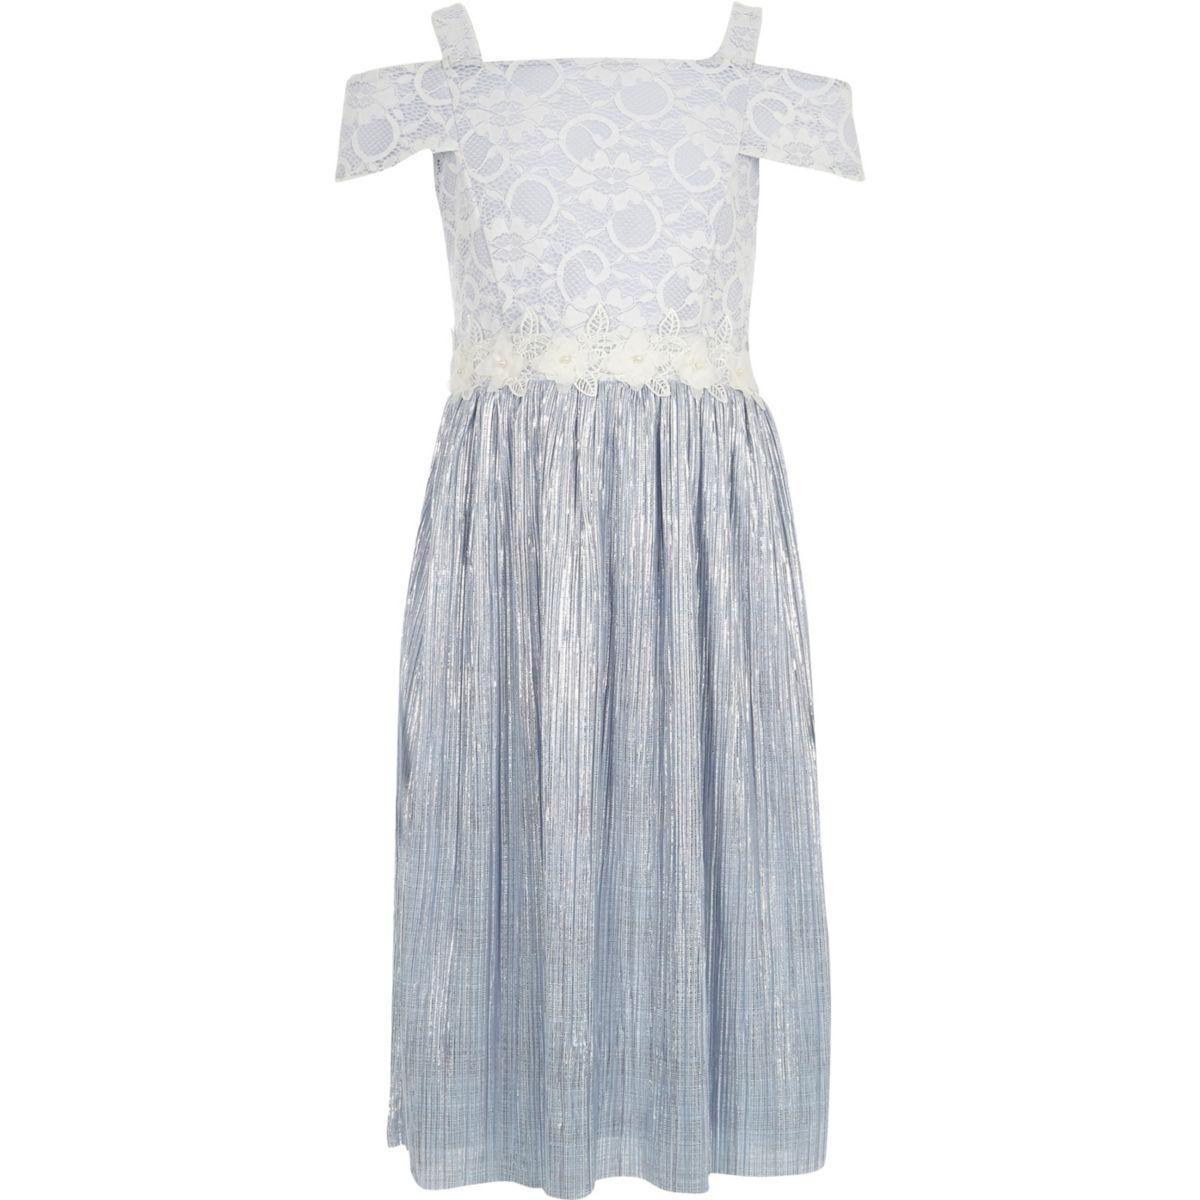 Hellblaues plissiertes Kleid mit Spitze